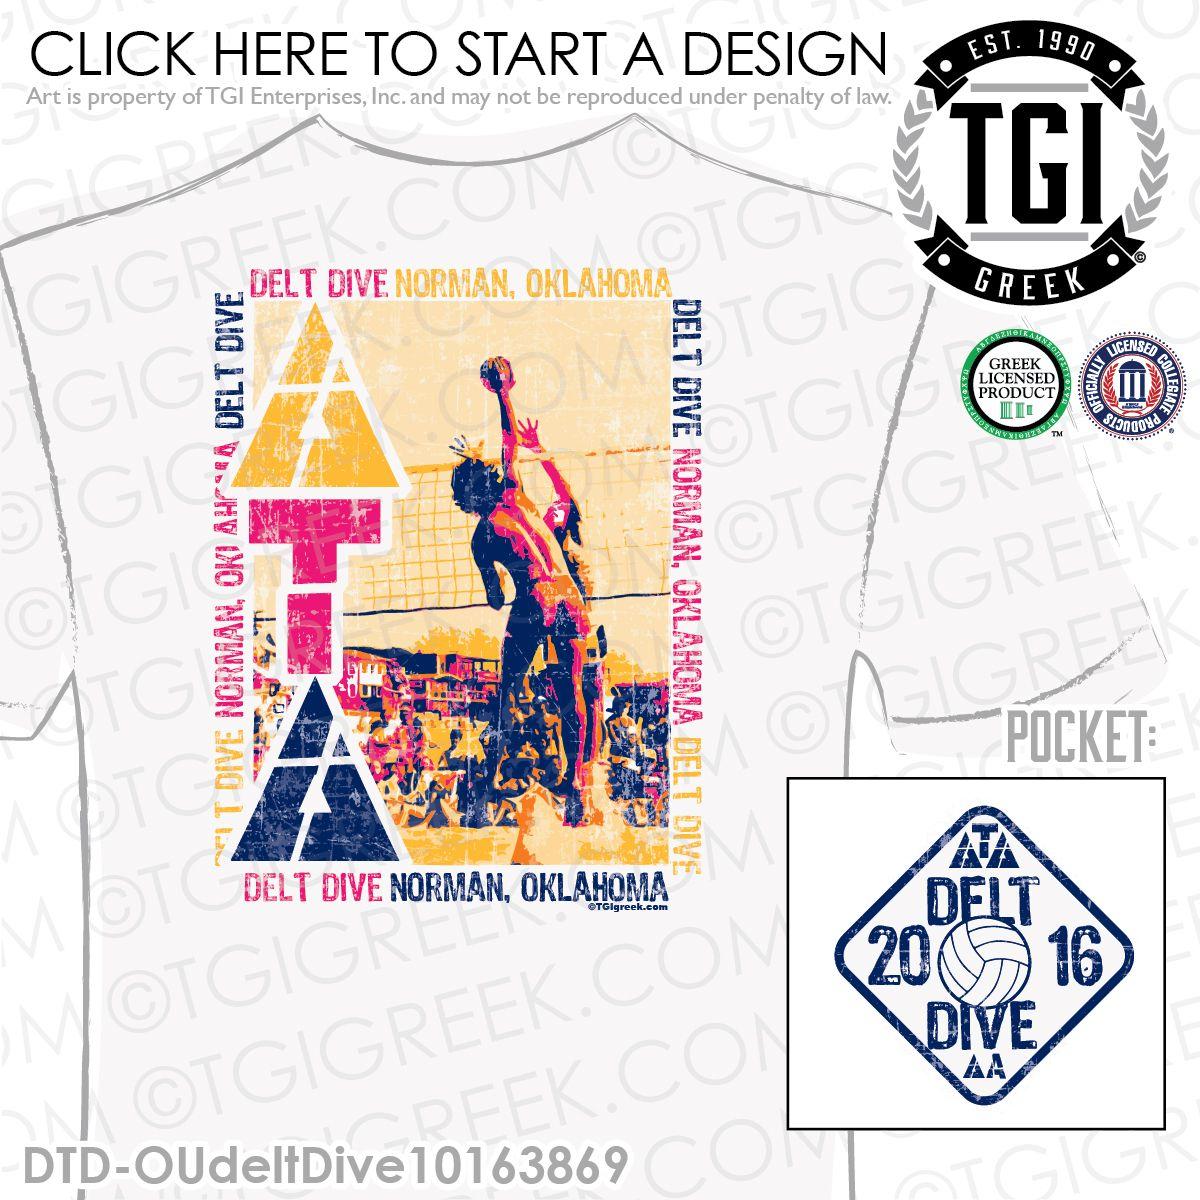 Delta Tau Delta Dtd T Delt Dive Philanthropy T Shirts